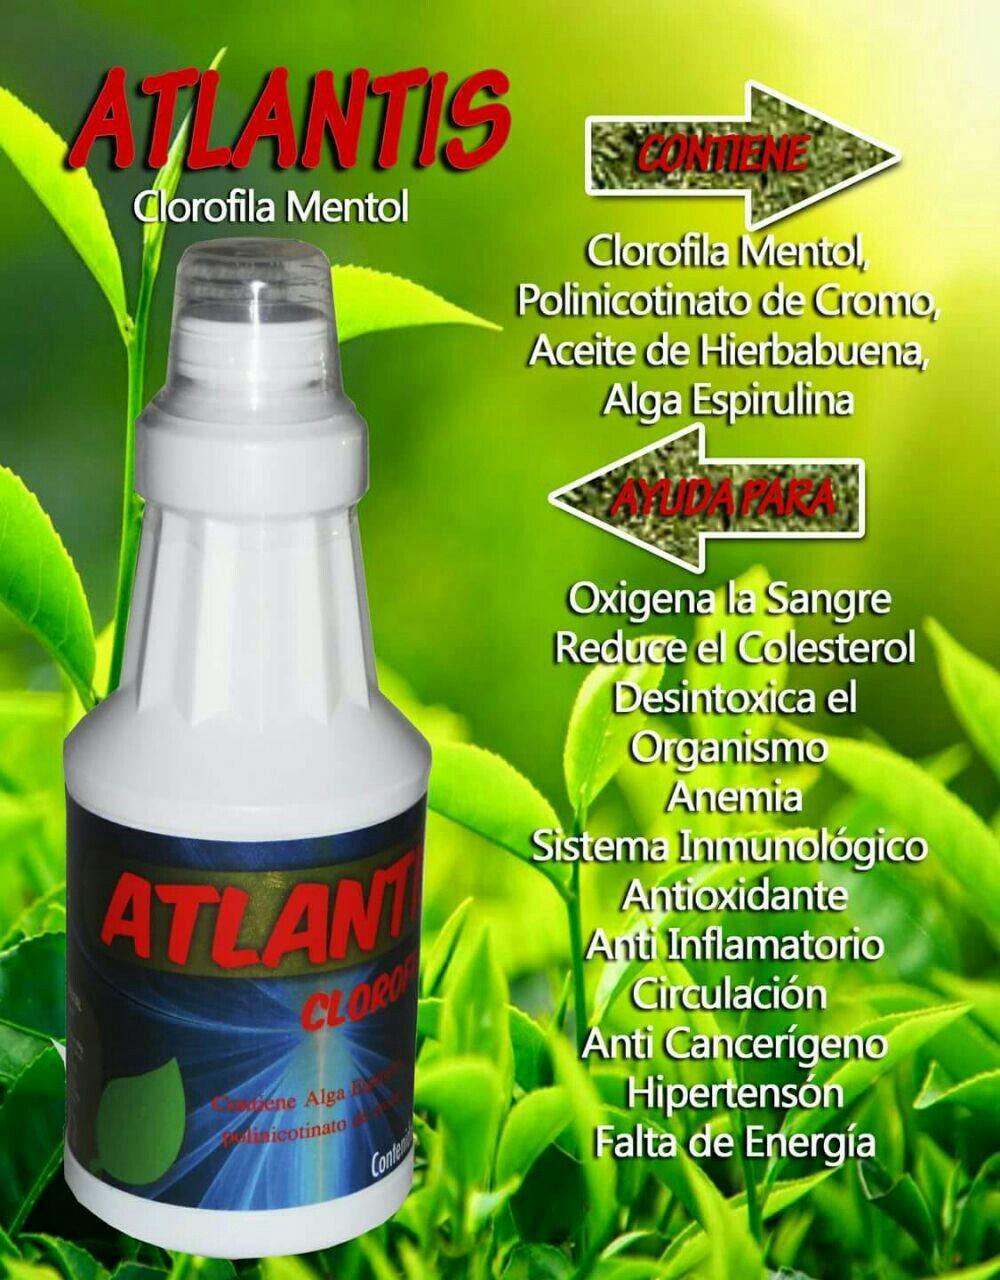 Atlantis Clorofila Mentol Alga Espirulina Polinicotinato De